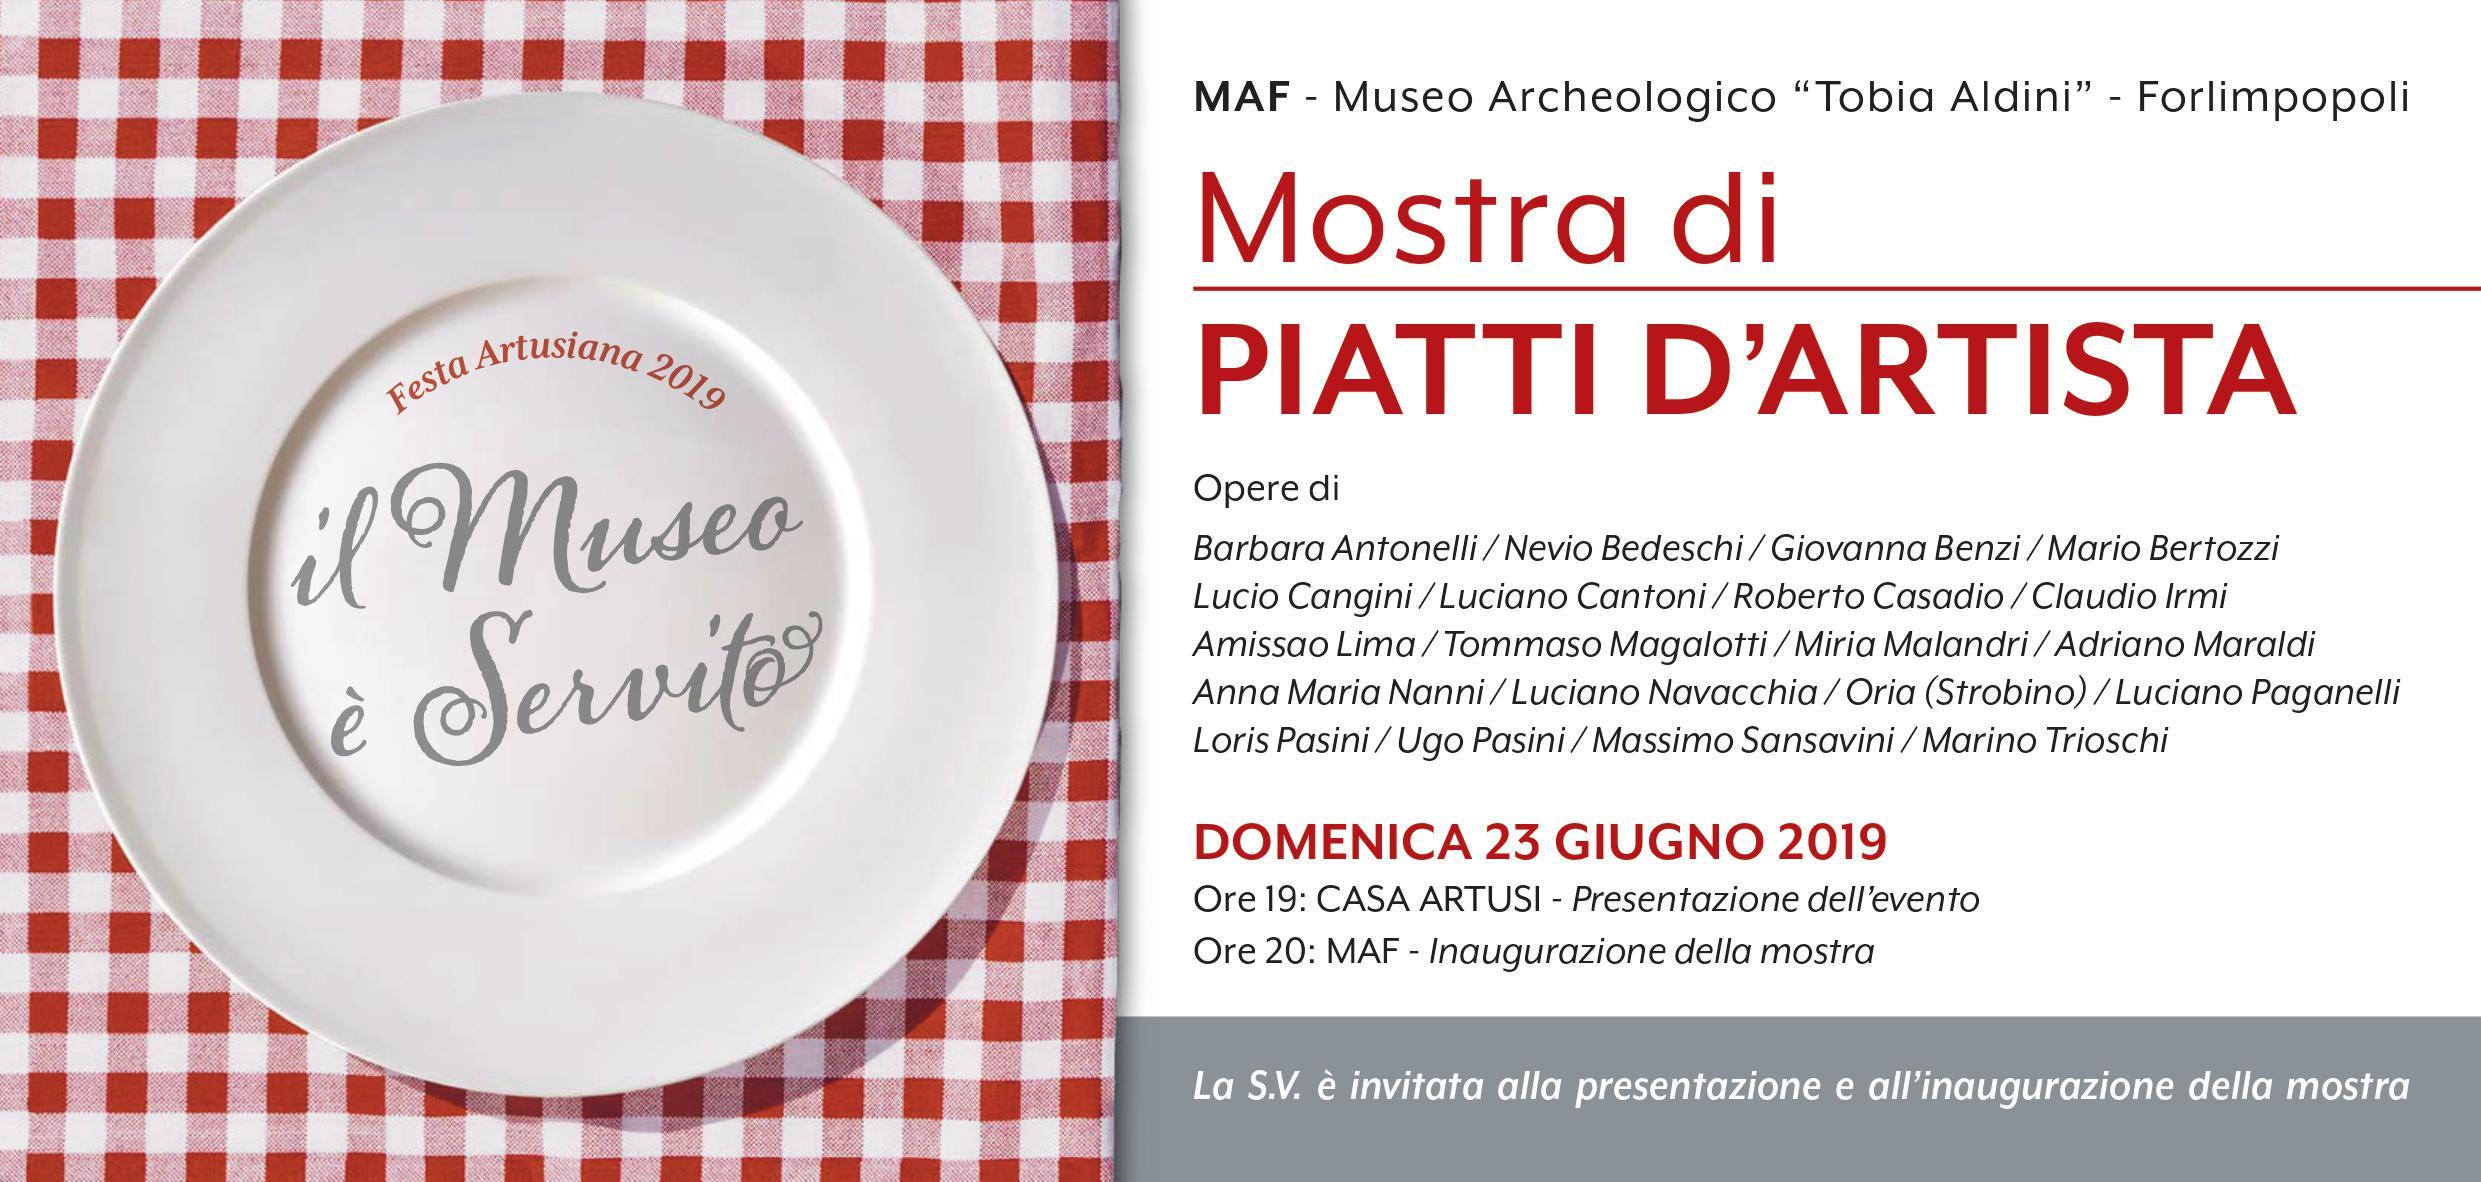 invito Mostra Piatti d'Artista - fronte - MAF in Festa Artusiana 2019